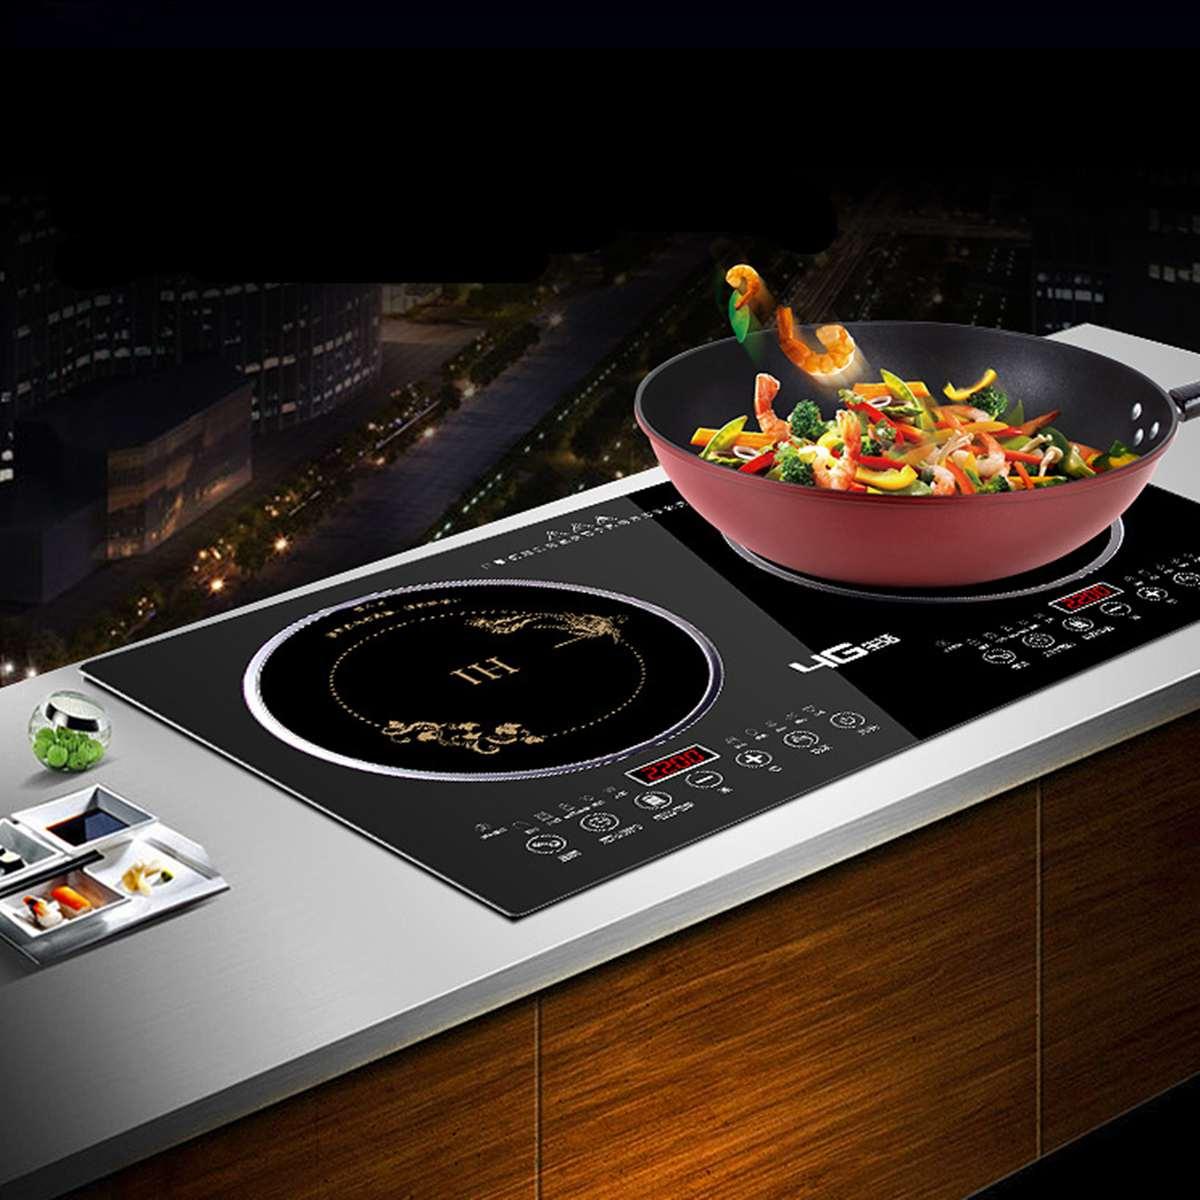 Nouveau 2200 W Double cuisinière à Induction/cuisinière à Induction + cuisinière électrique en céramique deux plaques chauffantes à Double tête de brûleur électrique